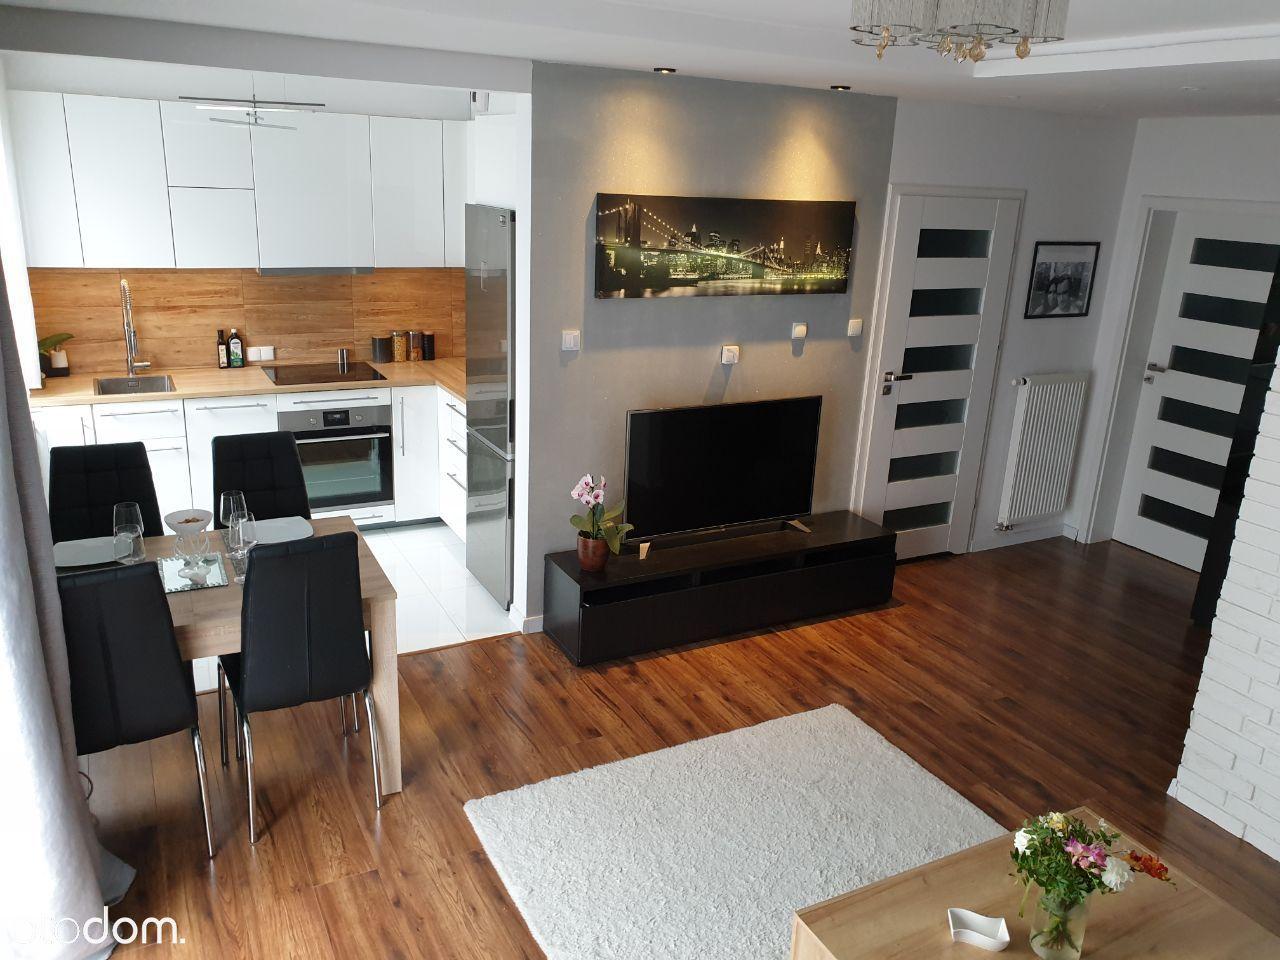 Mieszkanie 2 pokojowe Branskiego 50 m parter